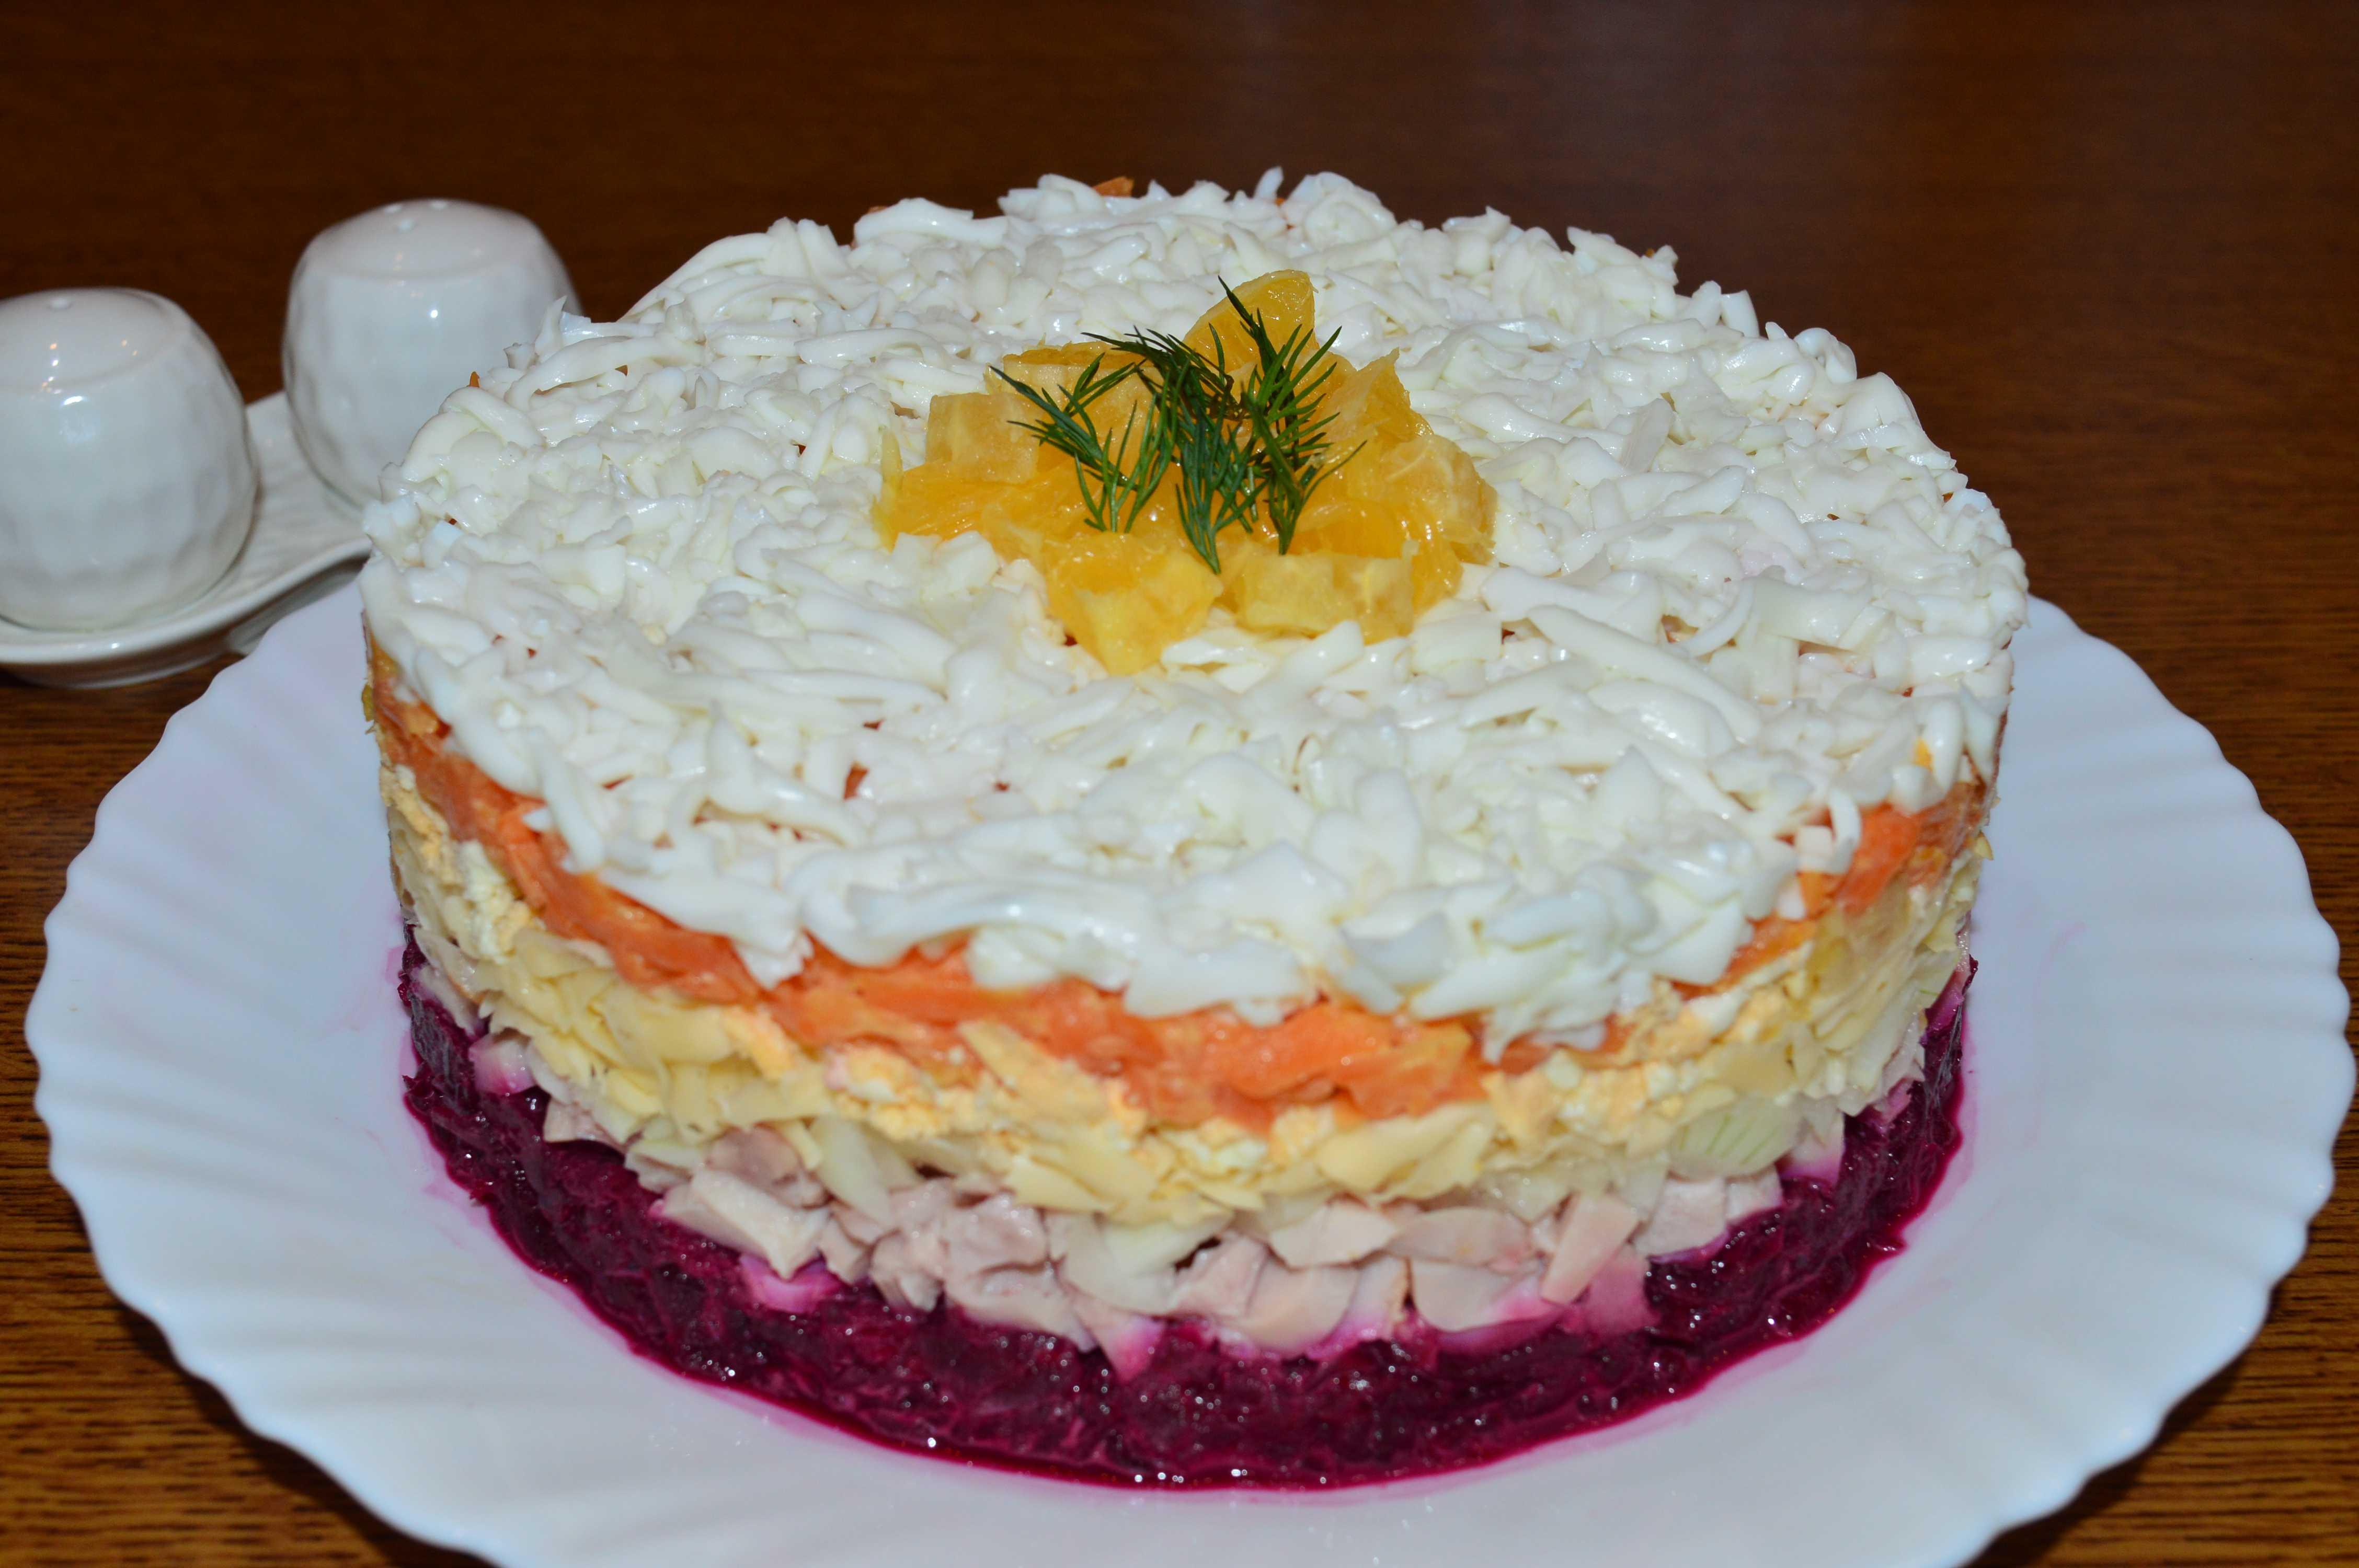 Салат зимний с соленым огурцом и морковью рецепт с фото пошагово - 1000.menu